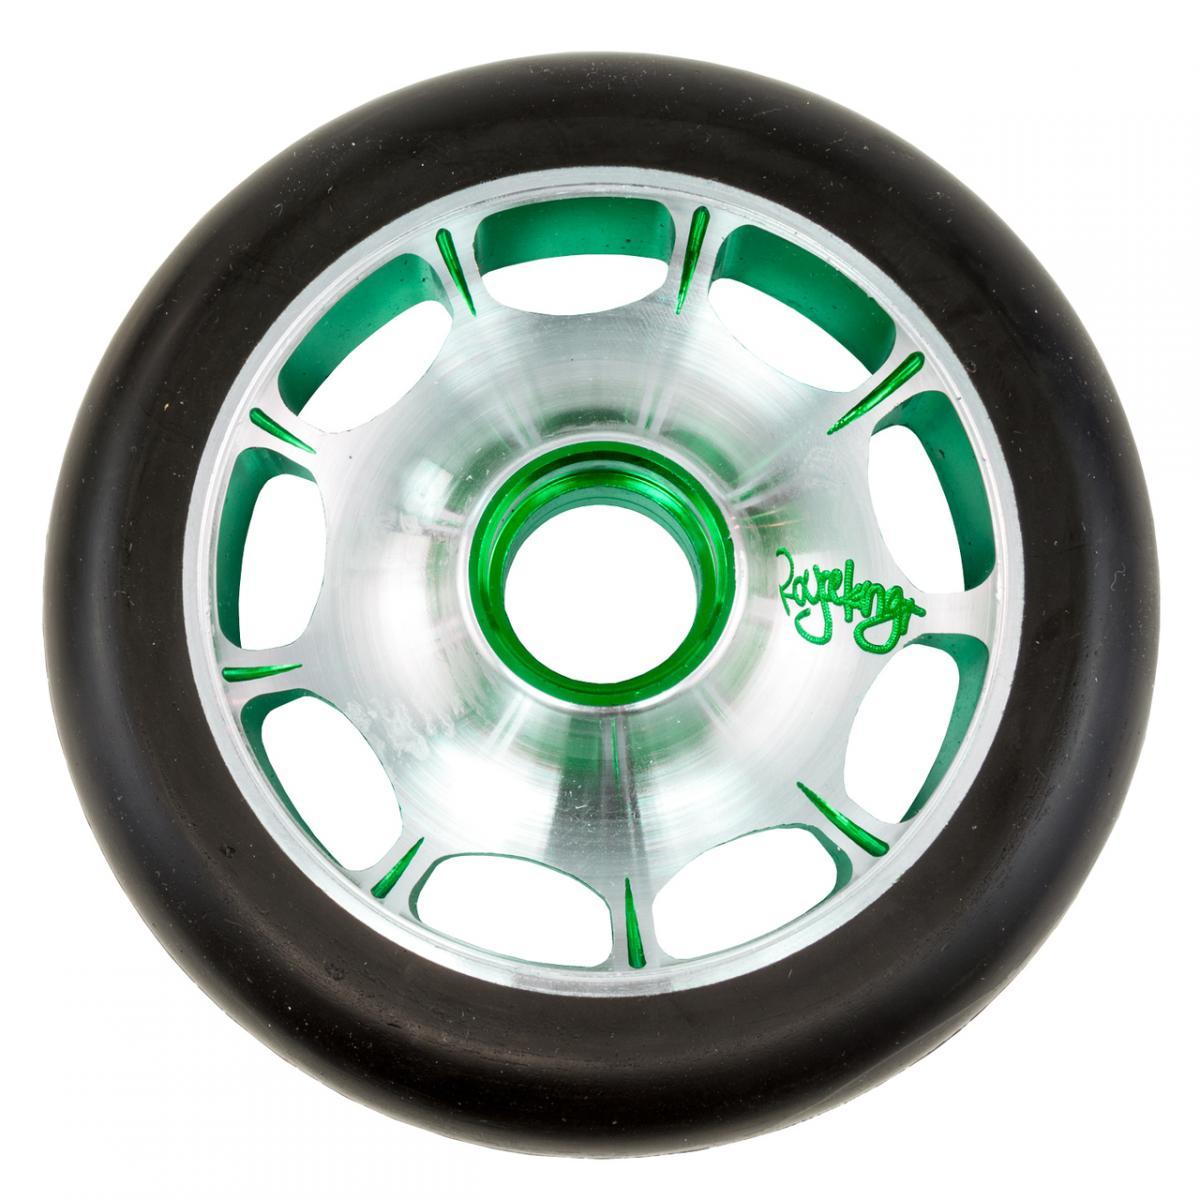 Root Industries Futuro 33 'Royce King' Wheels - 110mm